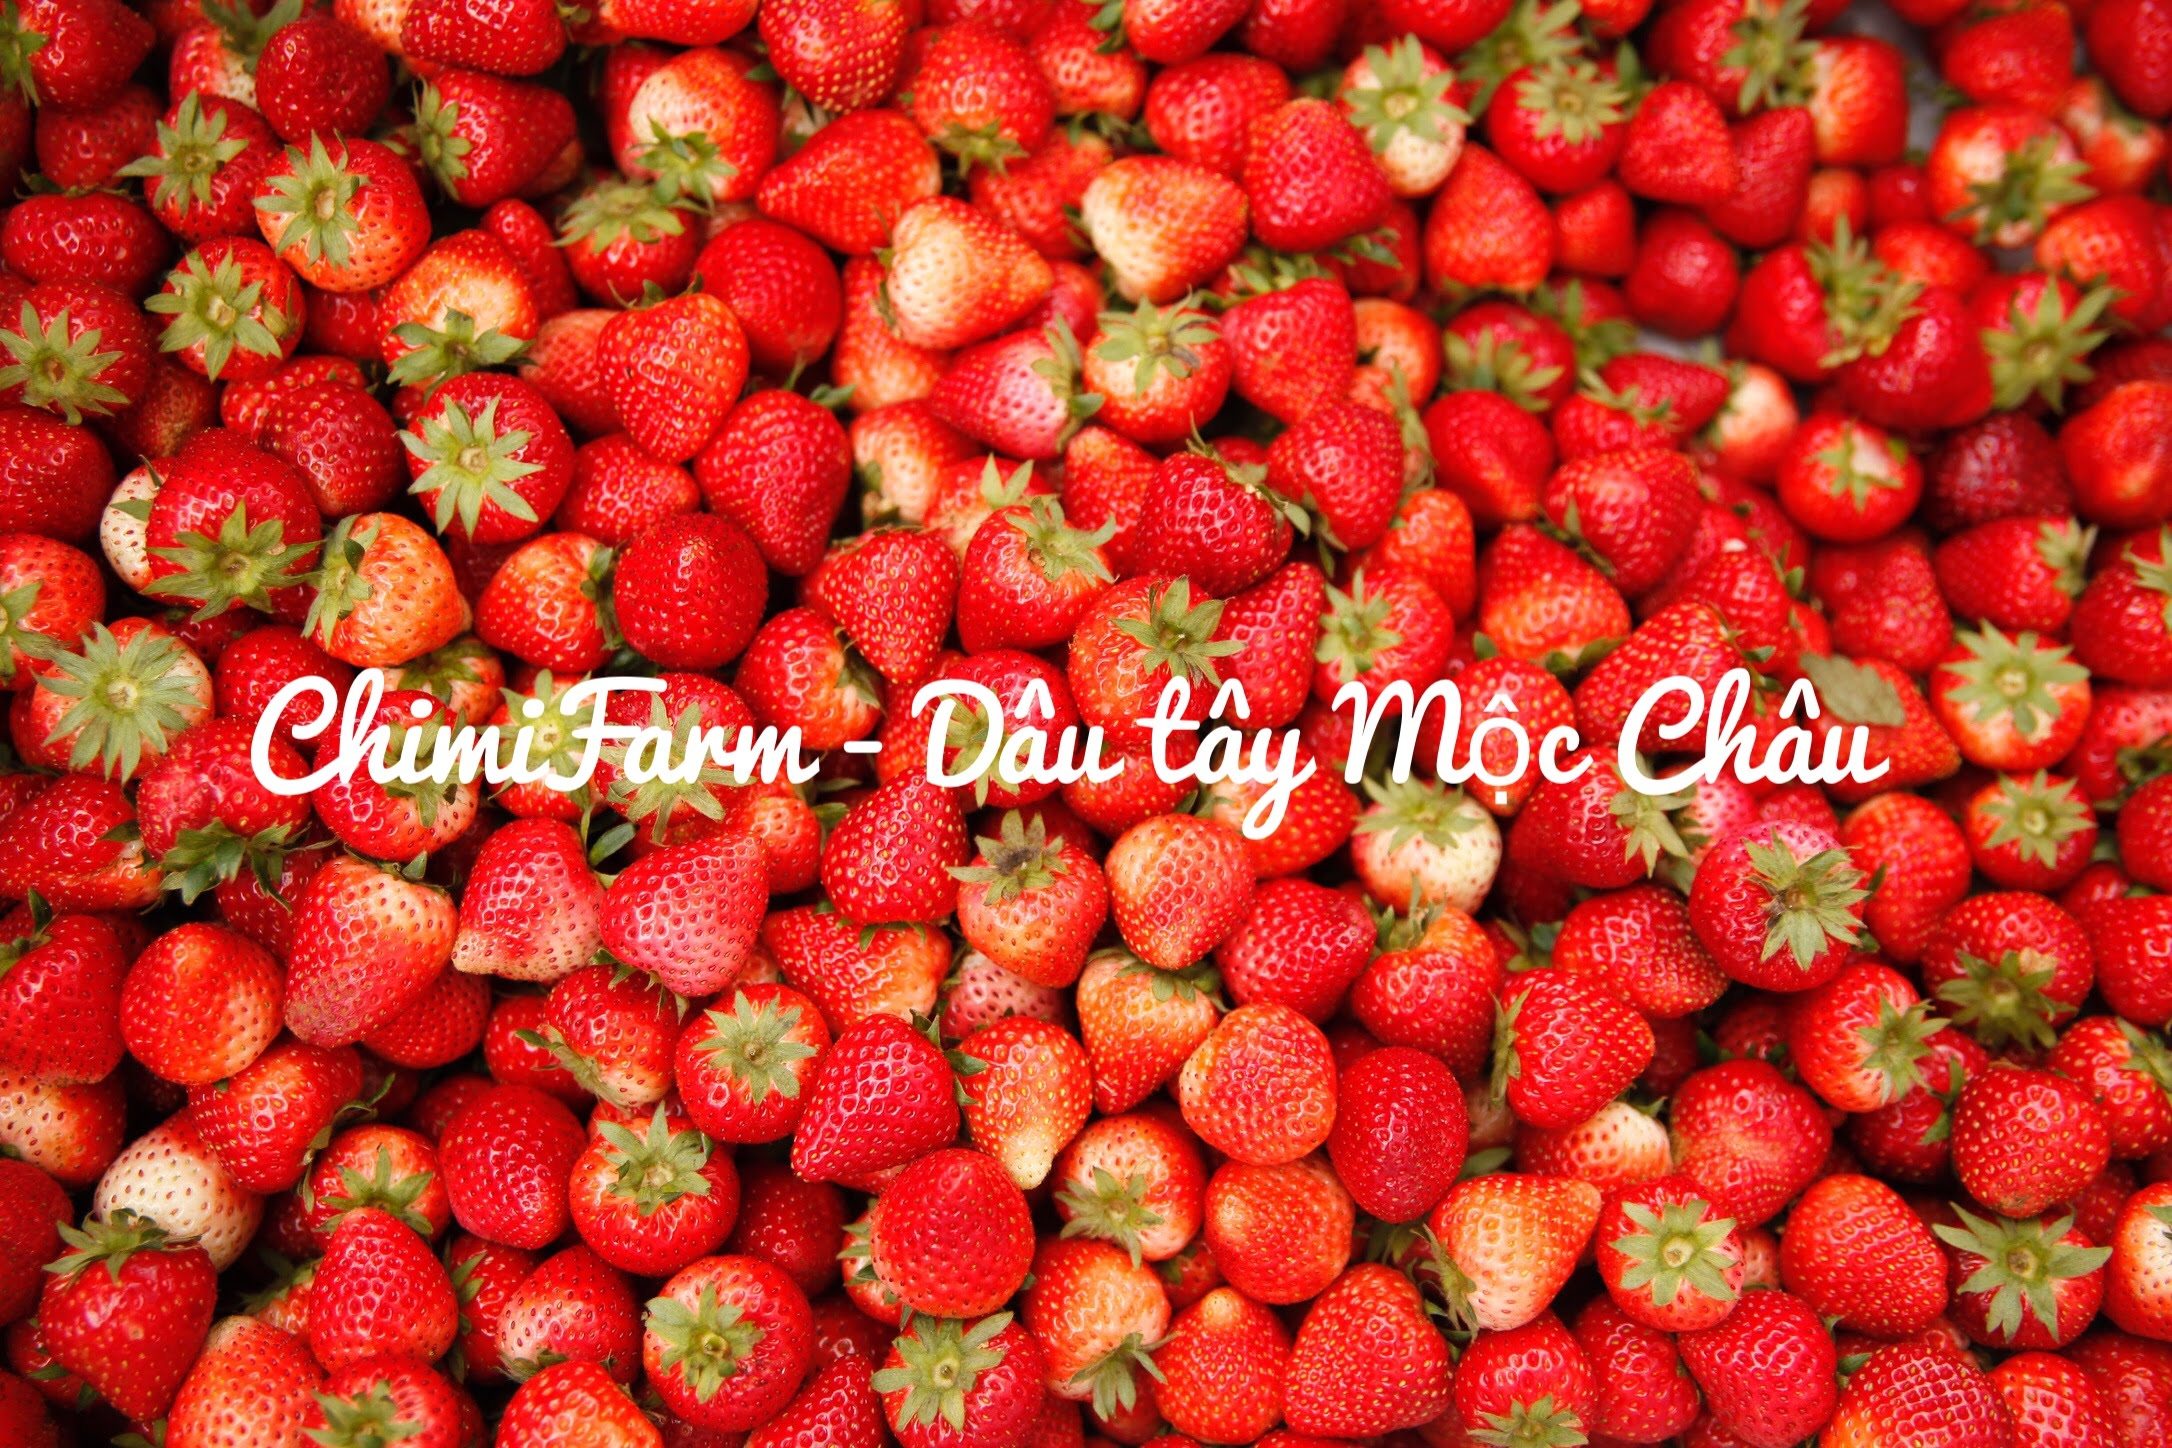 Chimi Farm hệ thống trang trại trồng dâu tây lớn nhất Mộc Châu